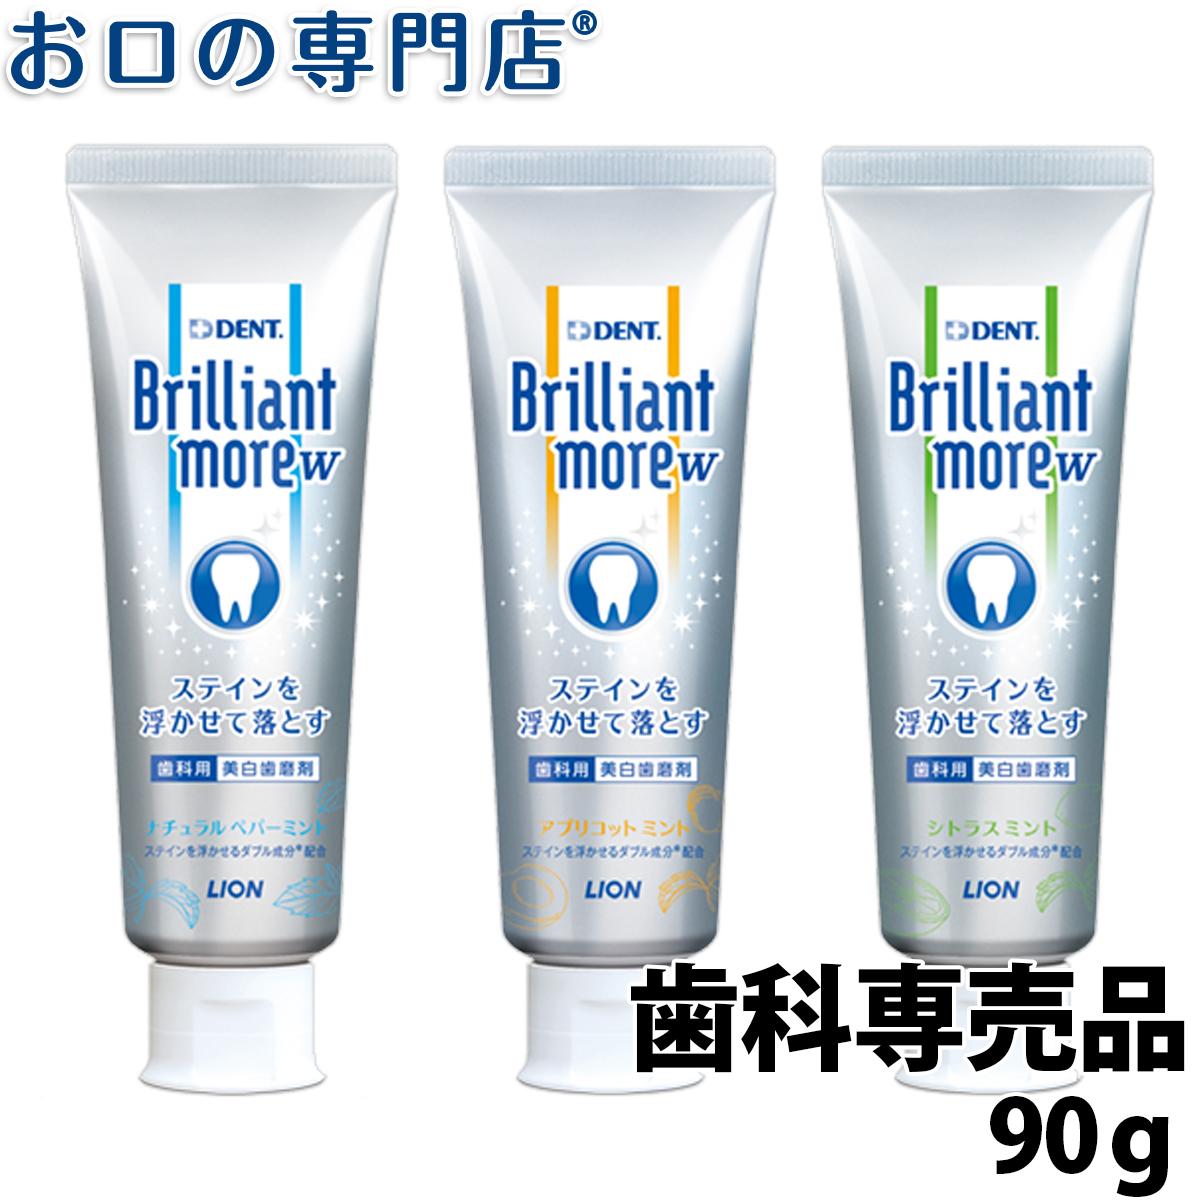 獅子 ブリリアントモア 90 克美白牙膏 ◆ ◆